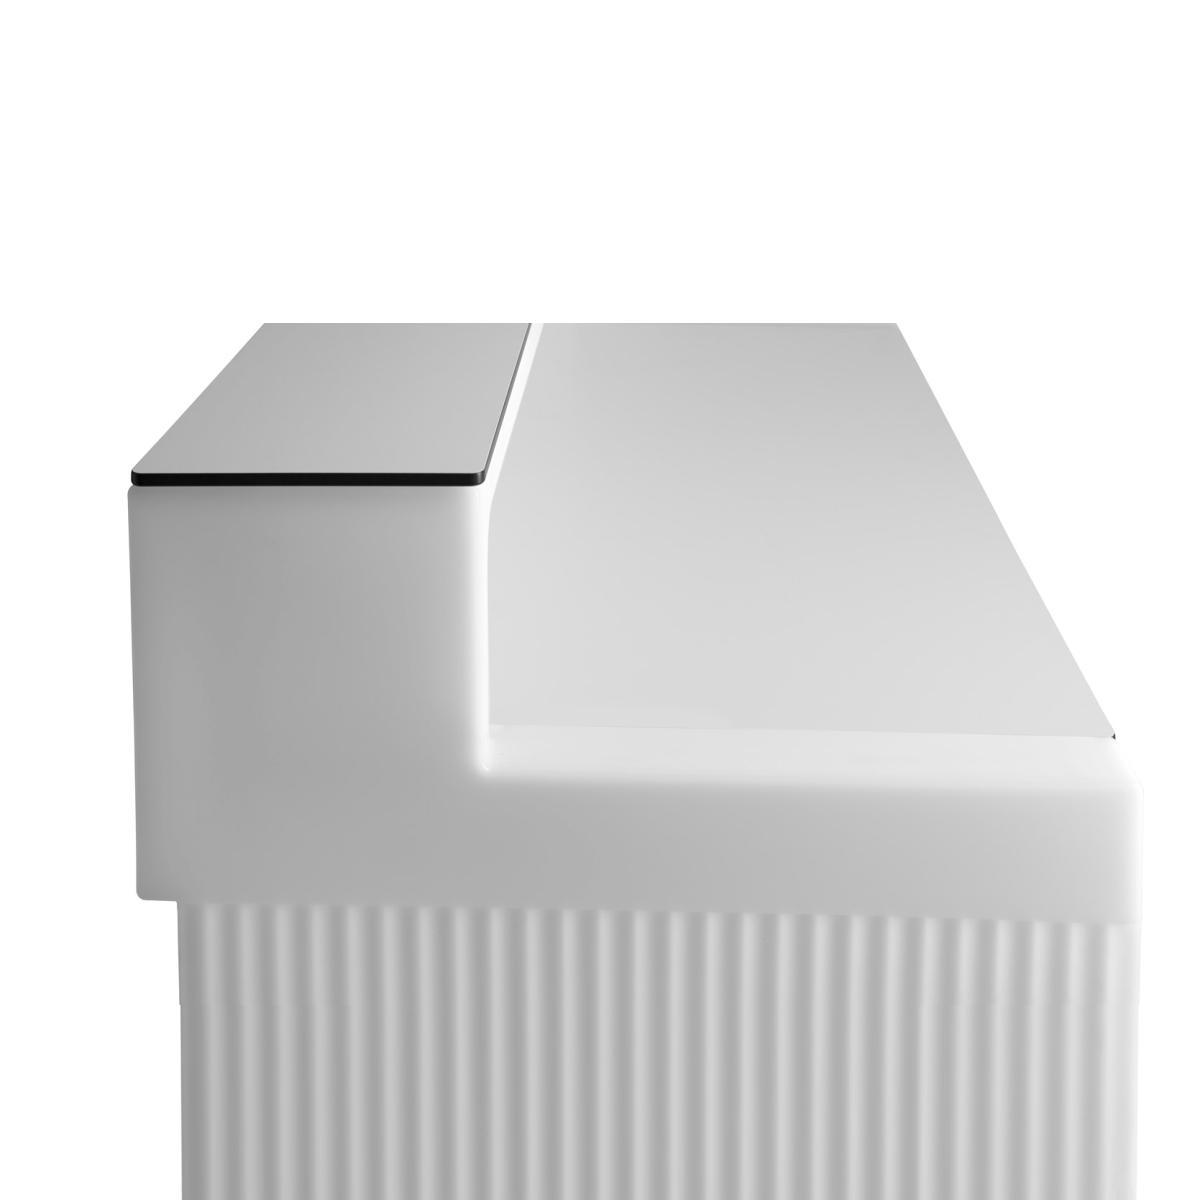 CORDIALE Counter Bar in weiß mit TOP Ablage und DESK Arbeitsplatte in HPL weiß